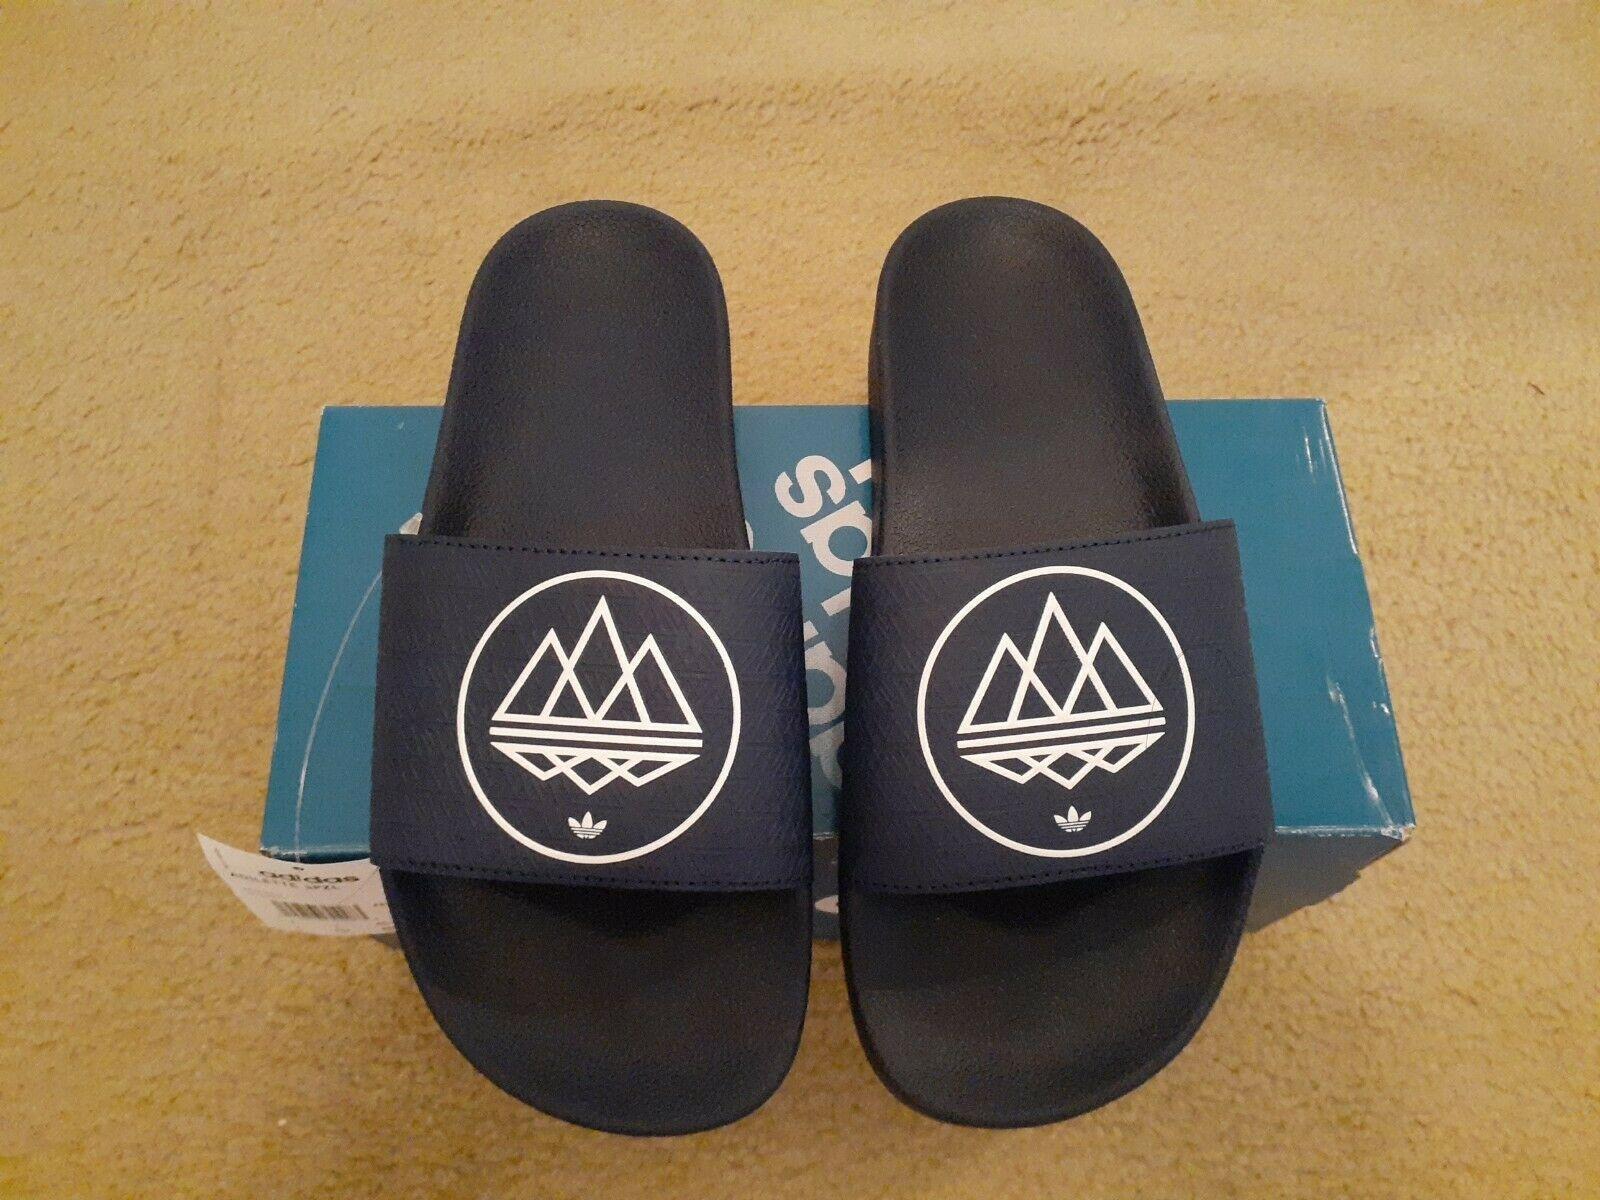 New Adidas ADILETTE SPZL Slides/Sleepers  Size 7 US Dark/blue US Style FX1057 - $59.39